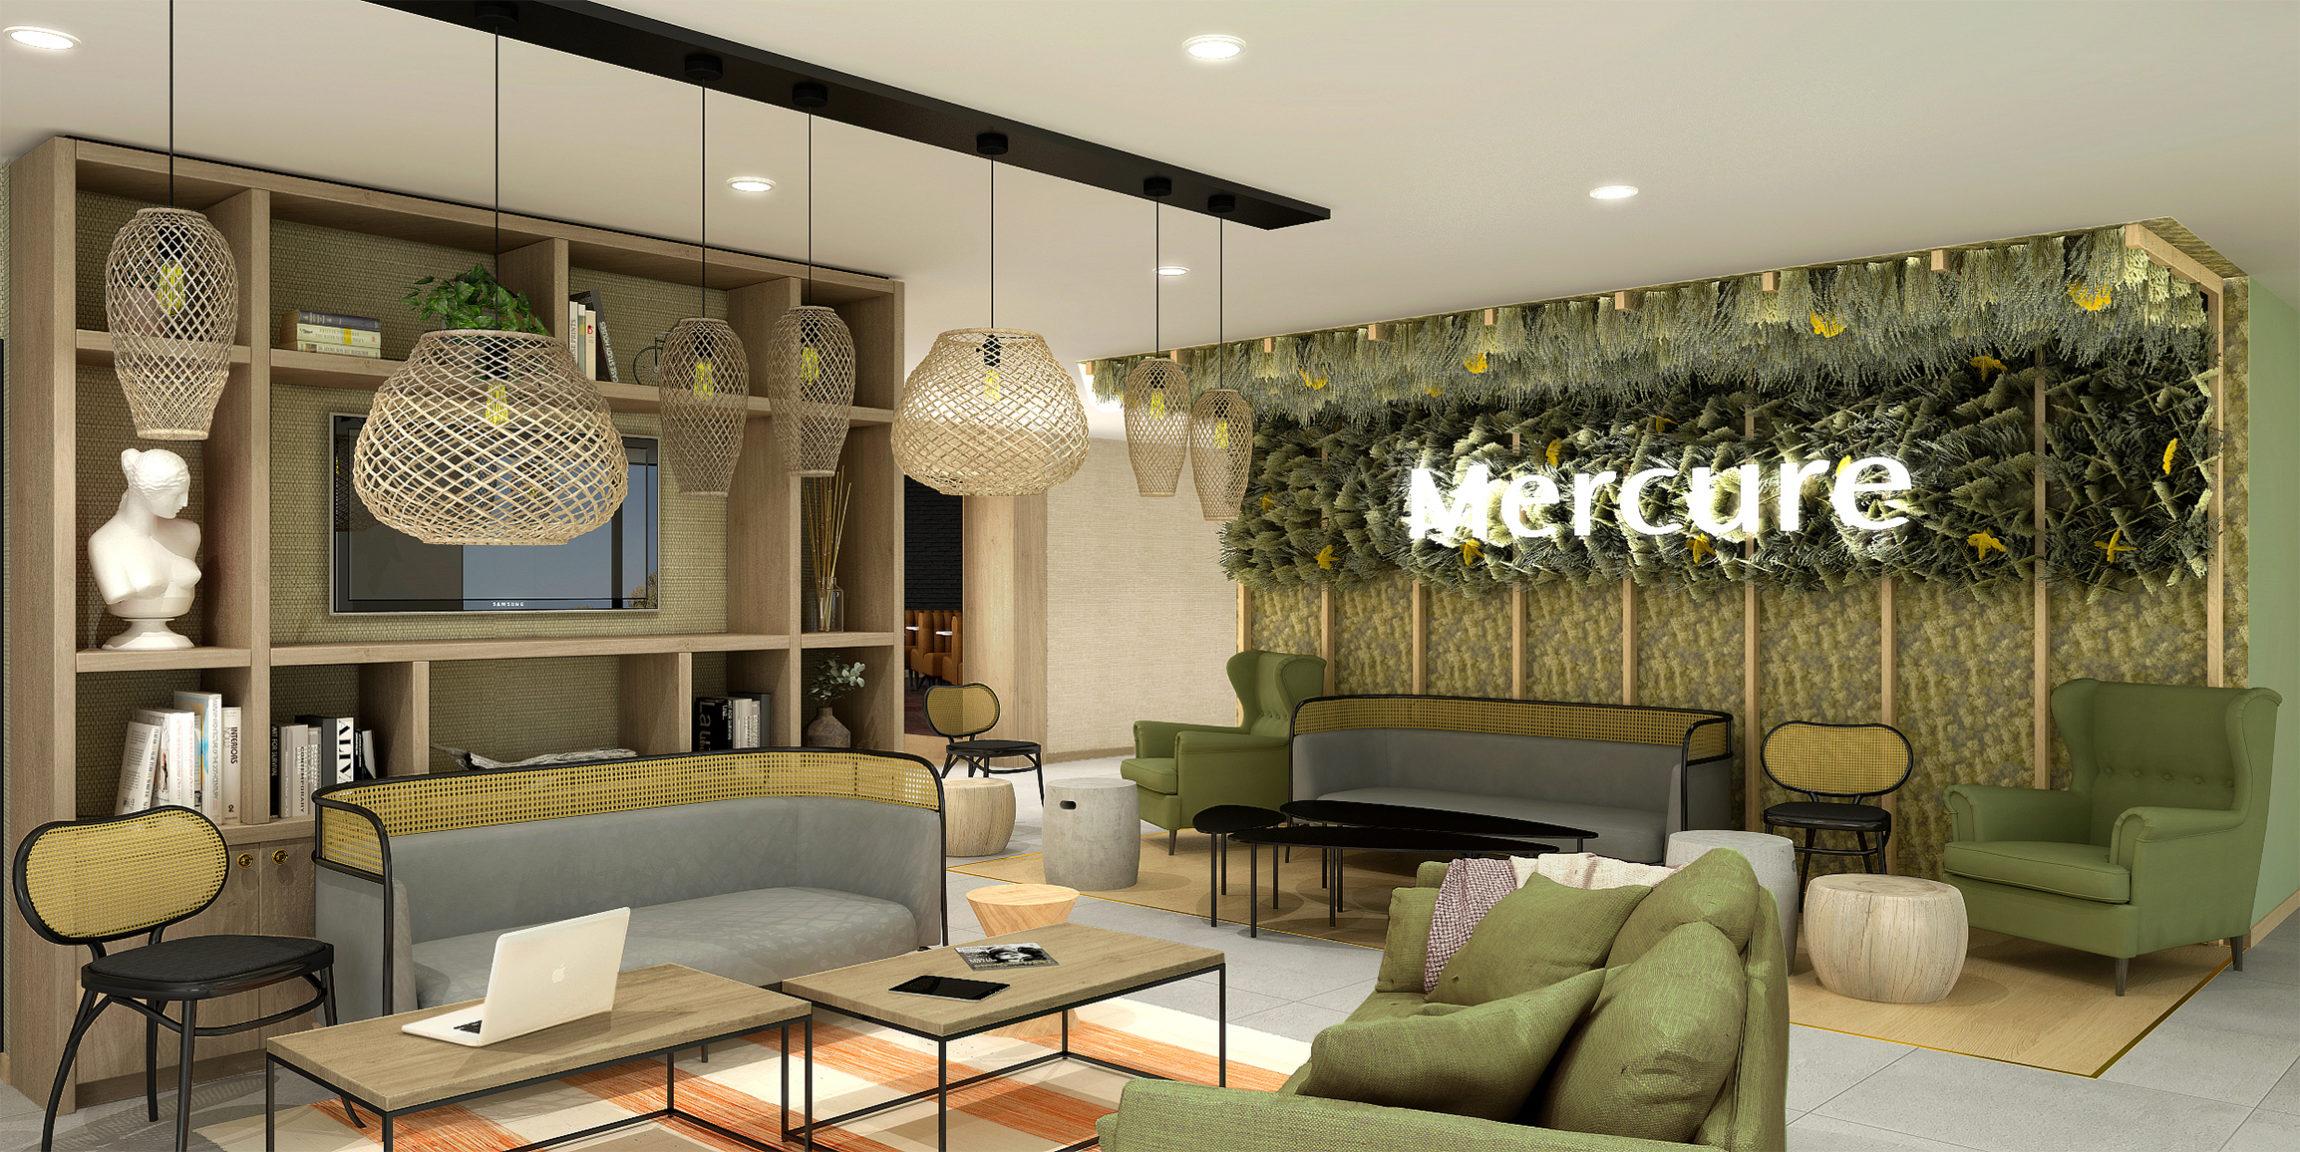 Futur hall d'accueil de l'hôtel Mercure de Villefontaine à la décoration champêtre, luminaire en osier, siège en cannage